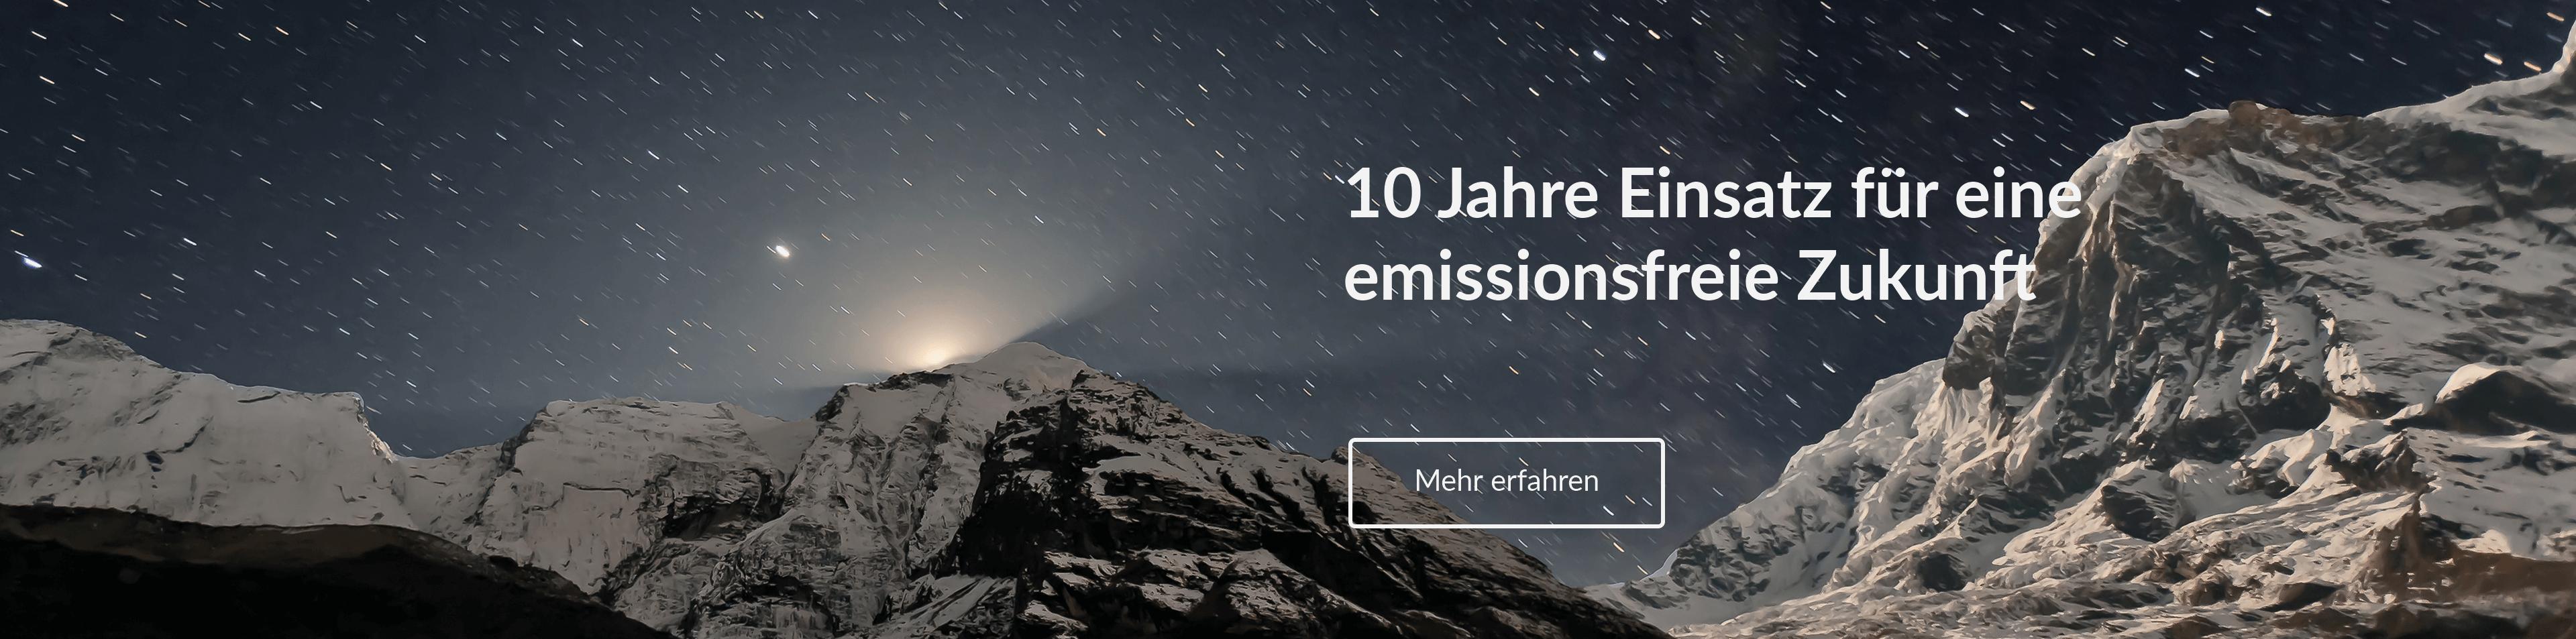 Zehn Jahre Einsatz für eine emissionsfreie Zukunft